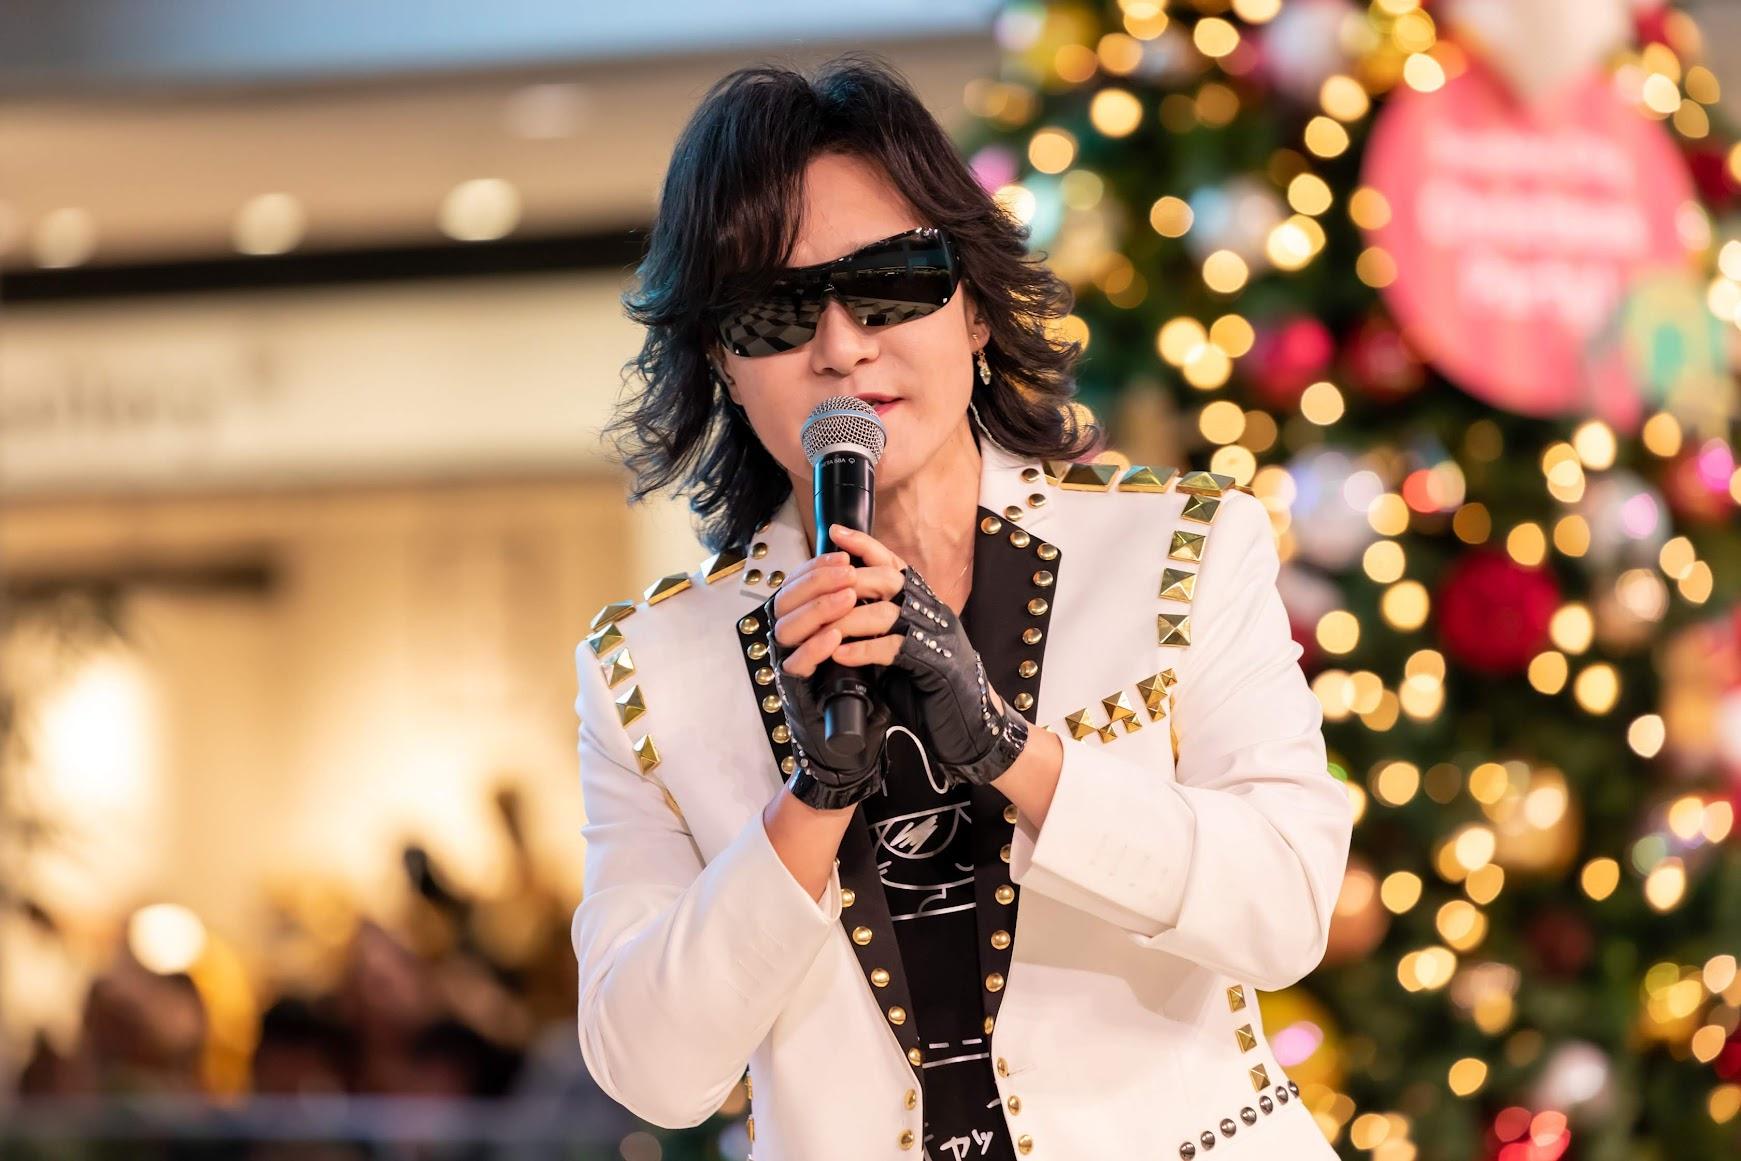 [迷迷音樂] ToshI 翻唱專輯發行紀念活動吸引2000人到場 特別錄影片向台灣樂迷打招呼